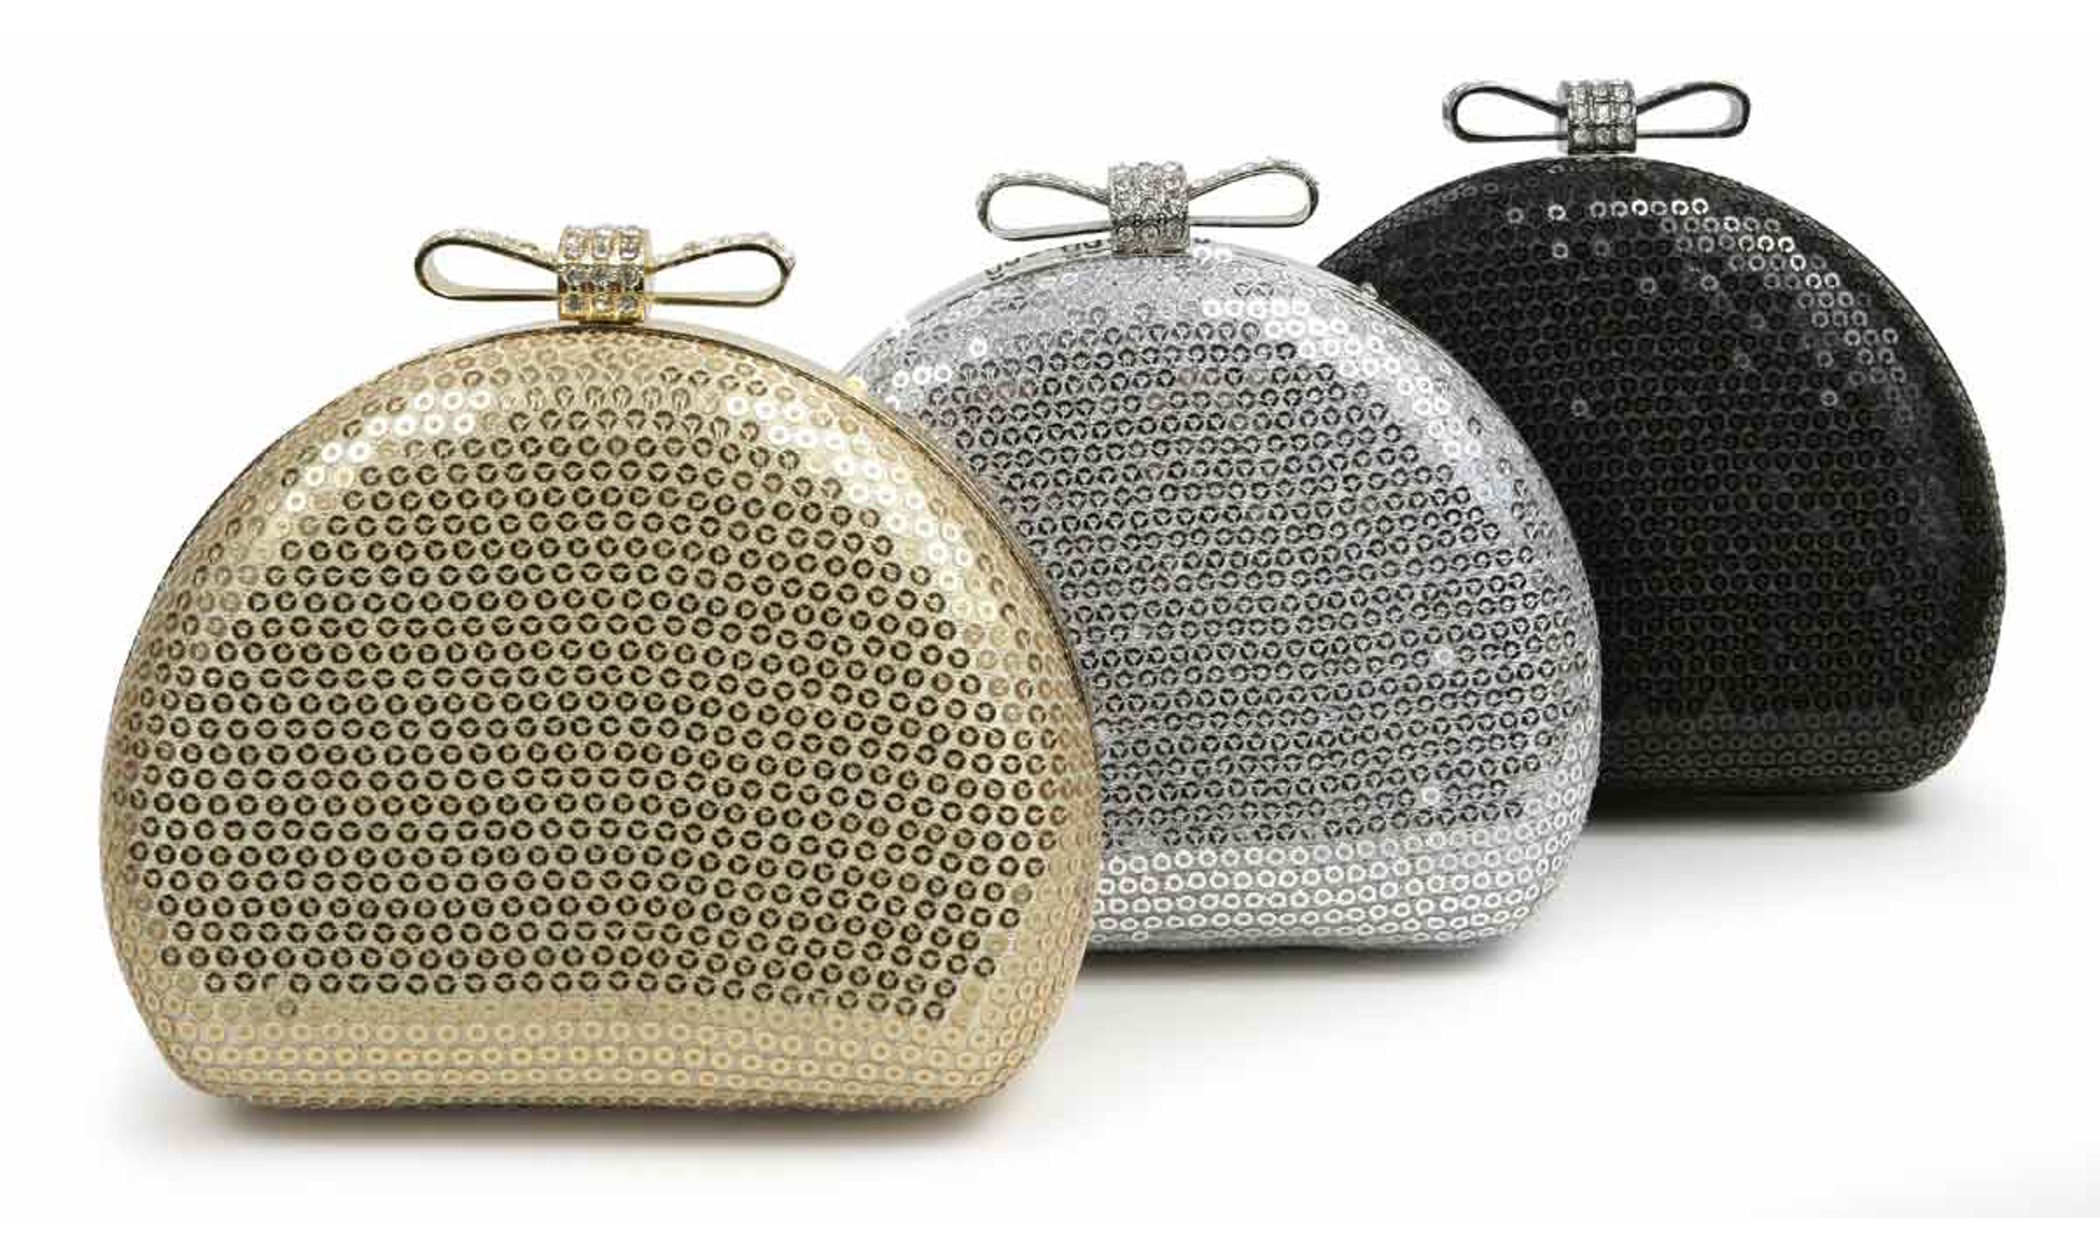 Celebra la Navidad 2013 con los nuevos bolsos y clutches de Loeds